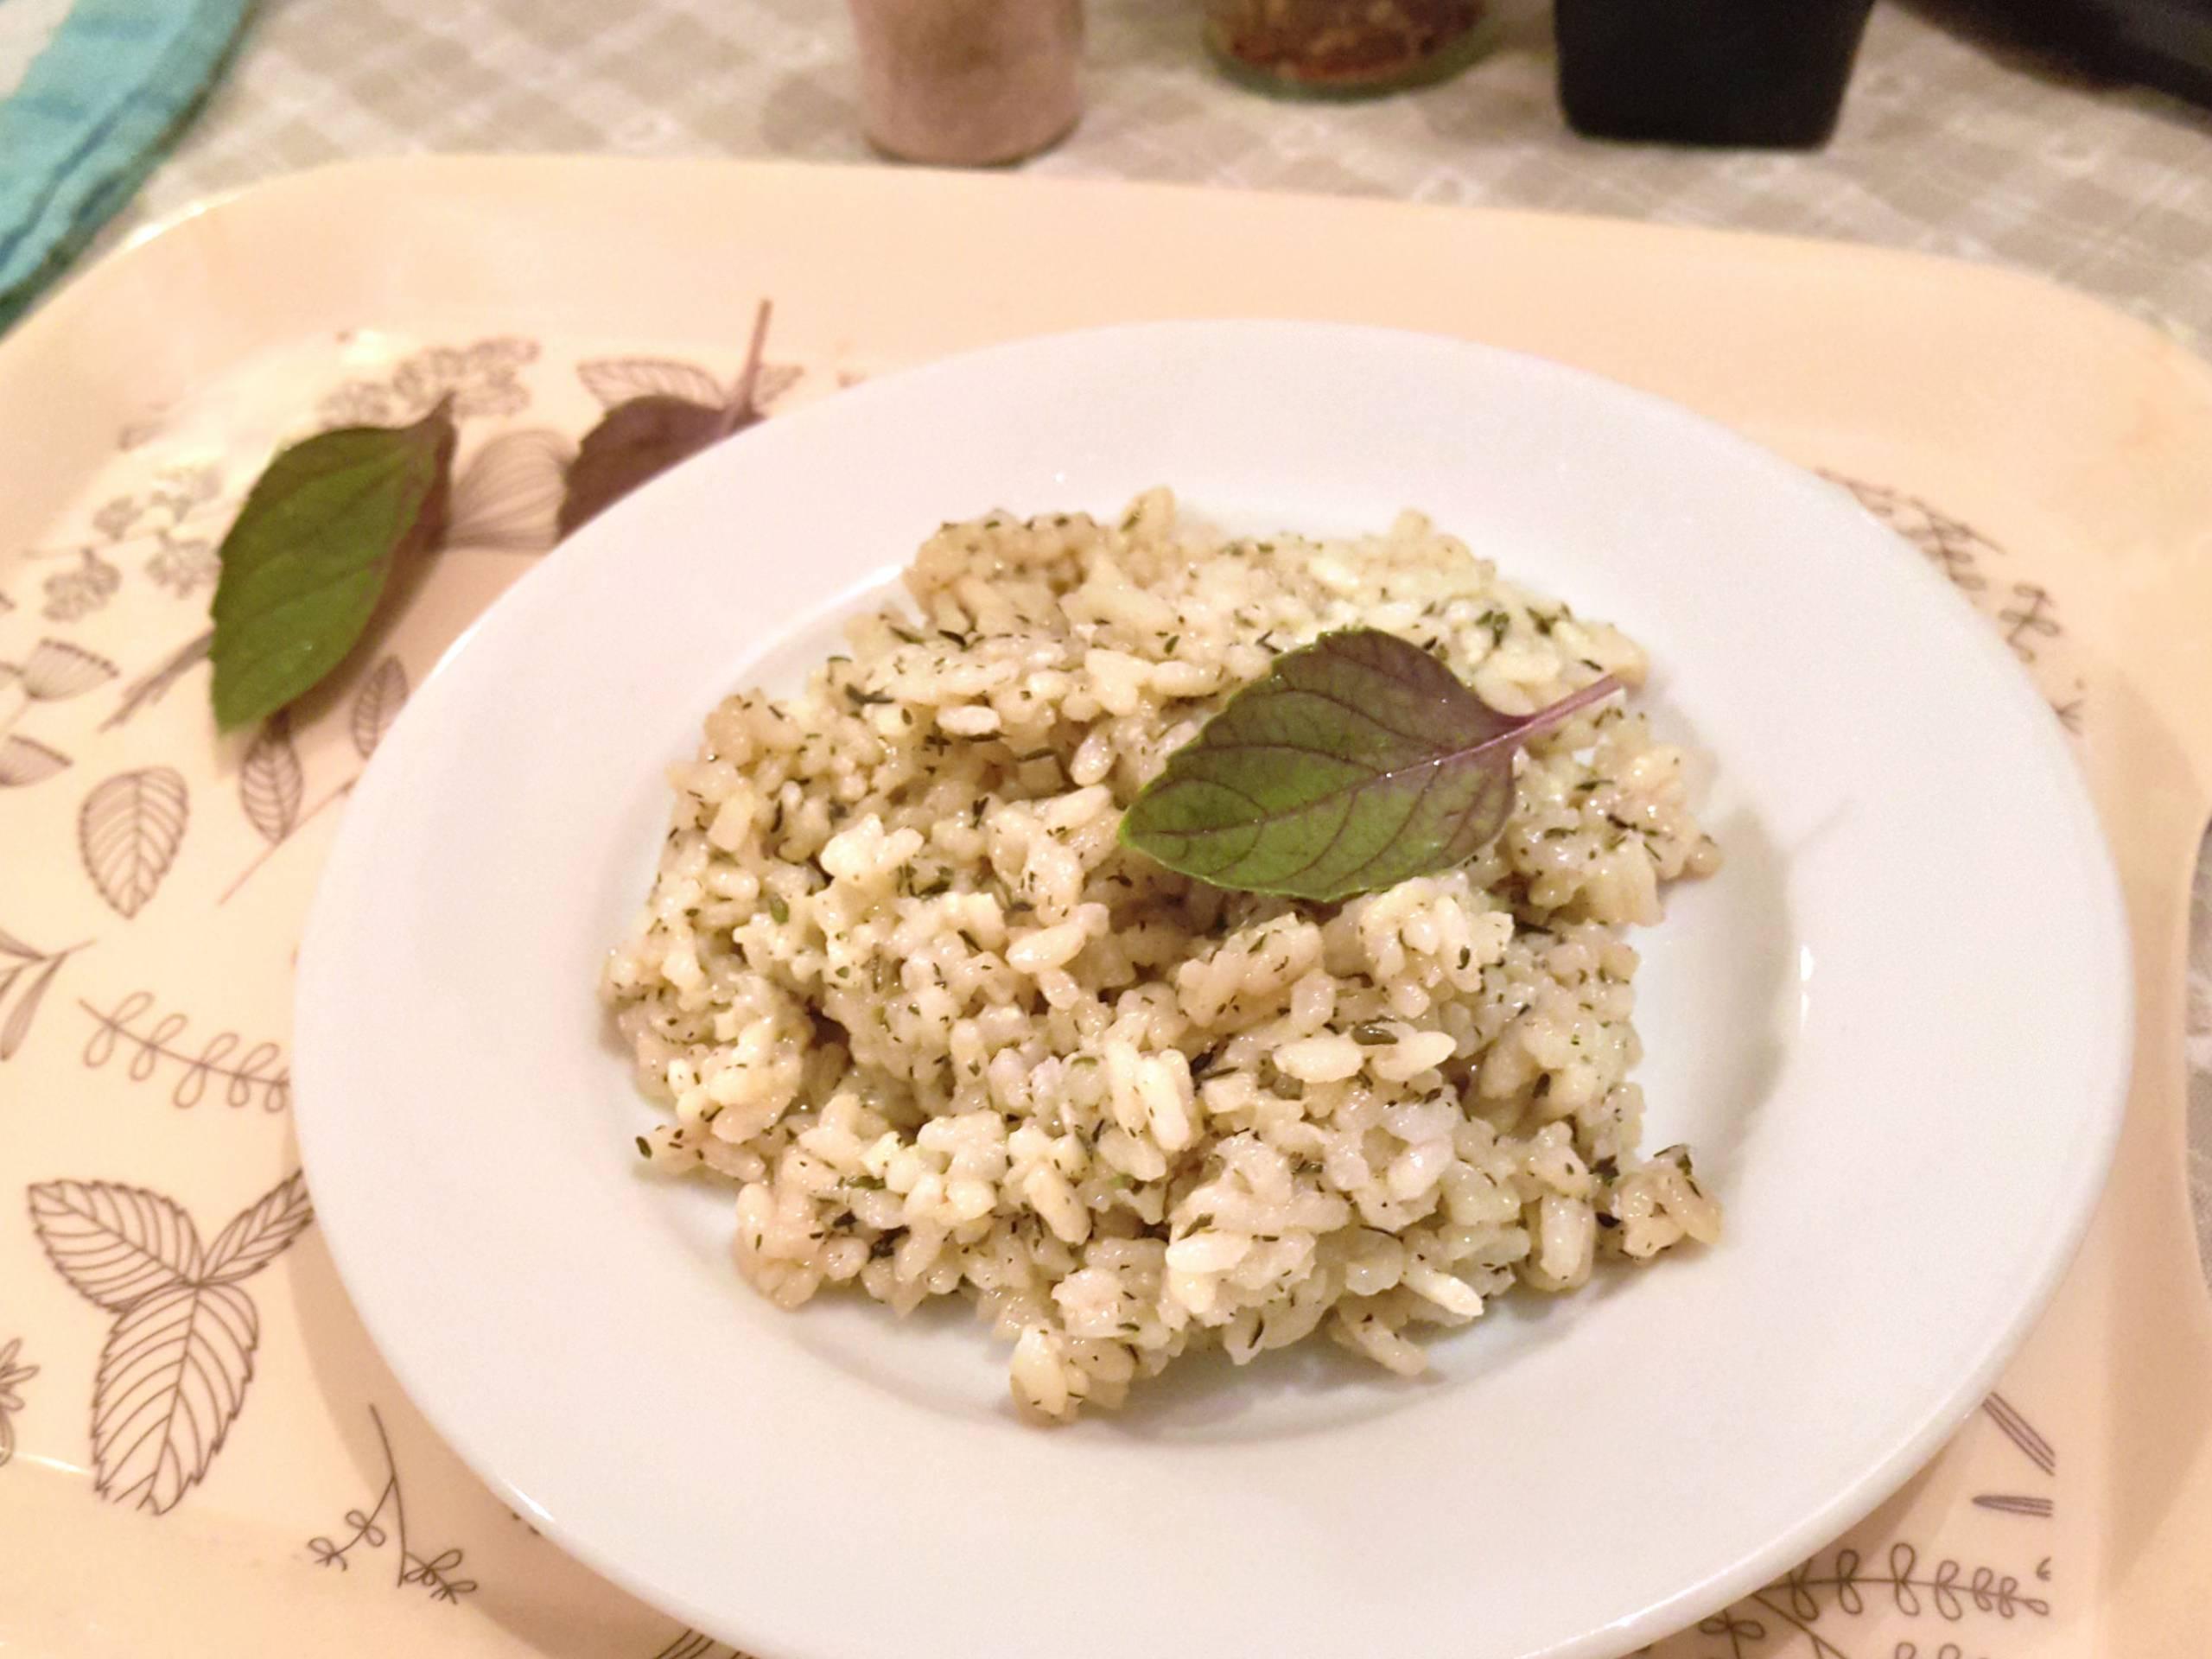 Domáca dusená ryža s tymianom na malom tanieri ozdobená bazalkou